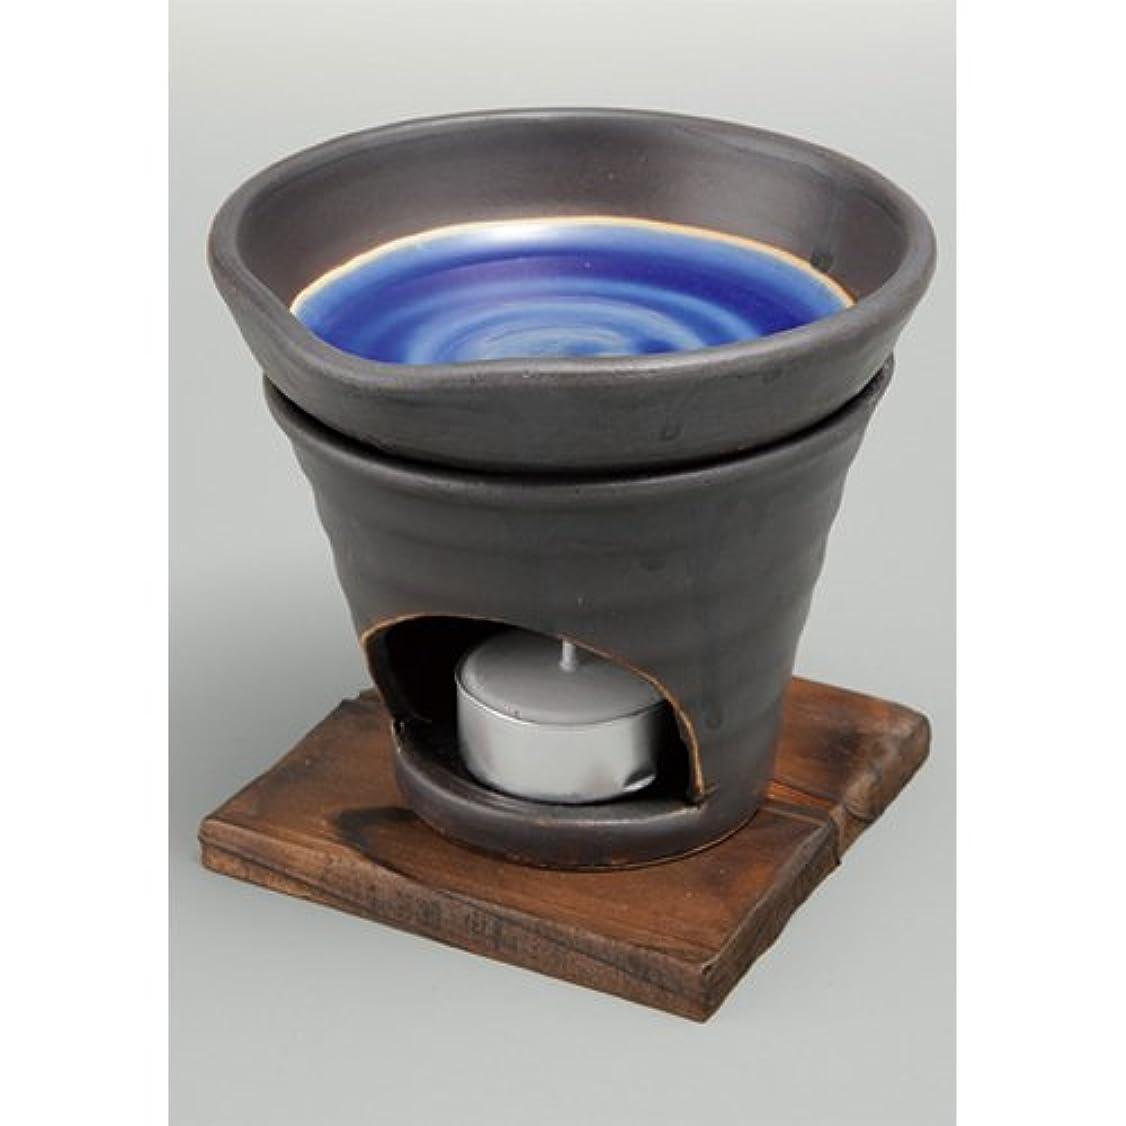 完璧な超えるあさり香炉 黒釉 茶香炉(青) [R11.8xH11.5cm] HANDMADE プレゼント ギフト 和食器 かわいい インテリア